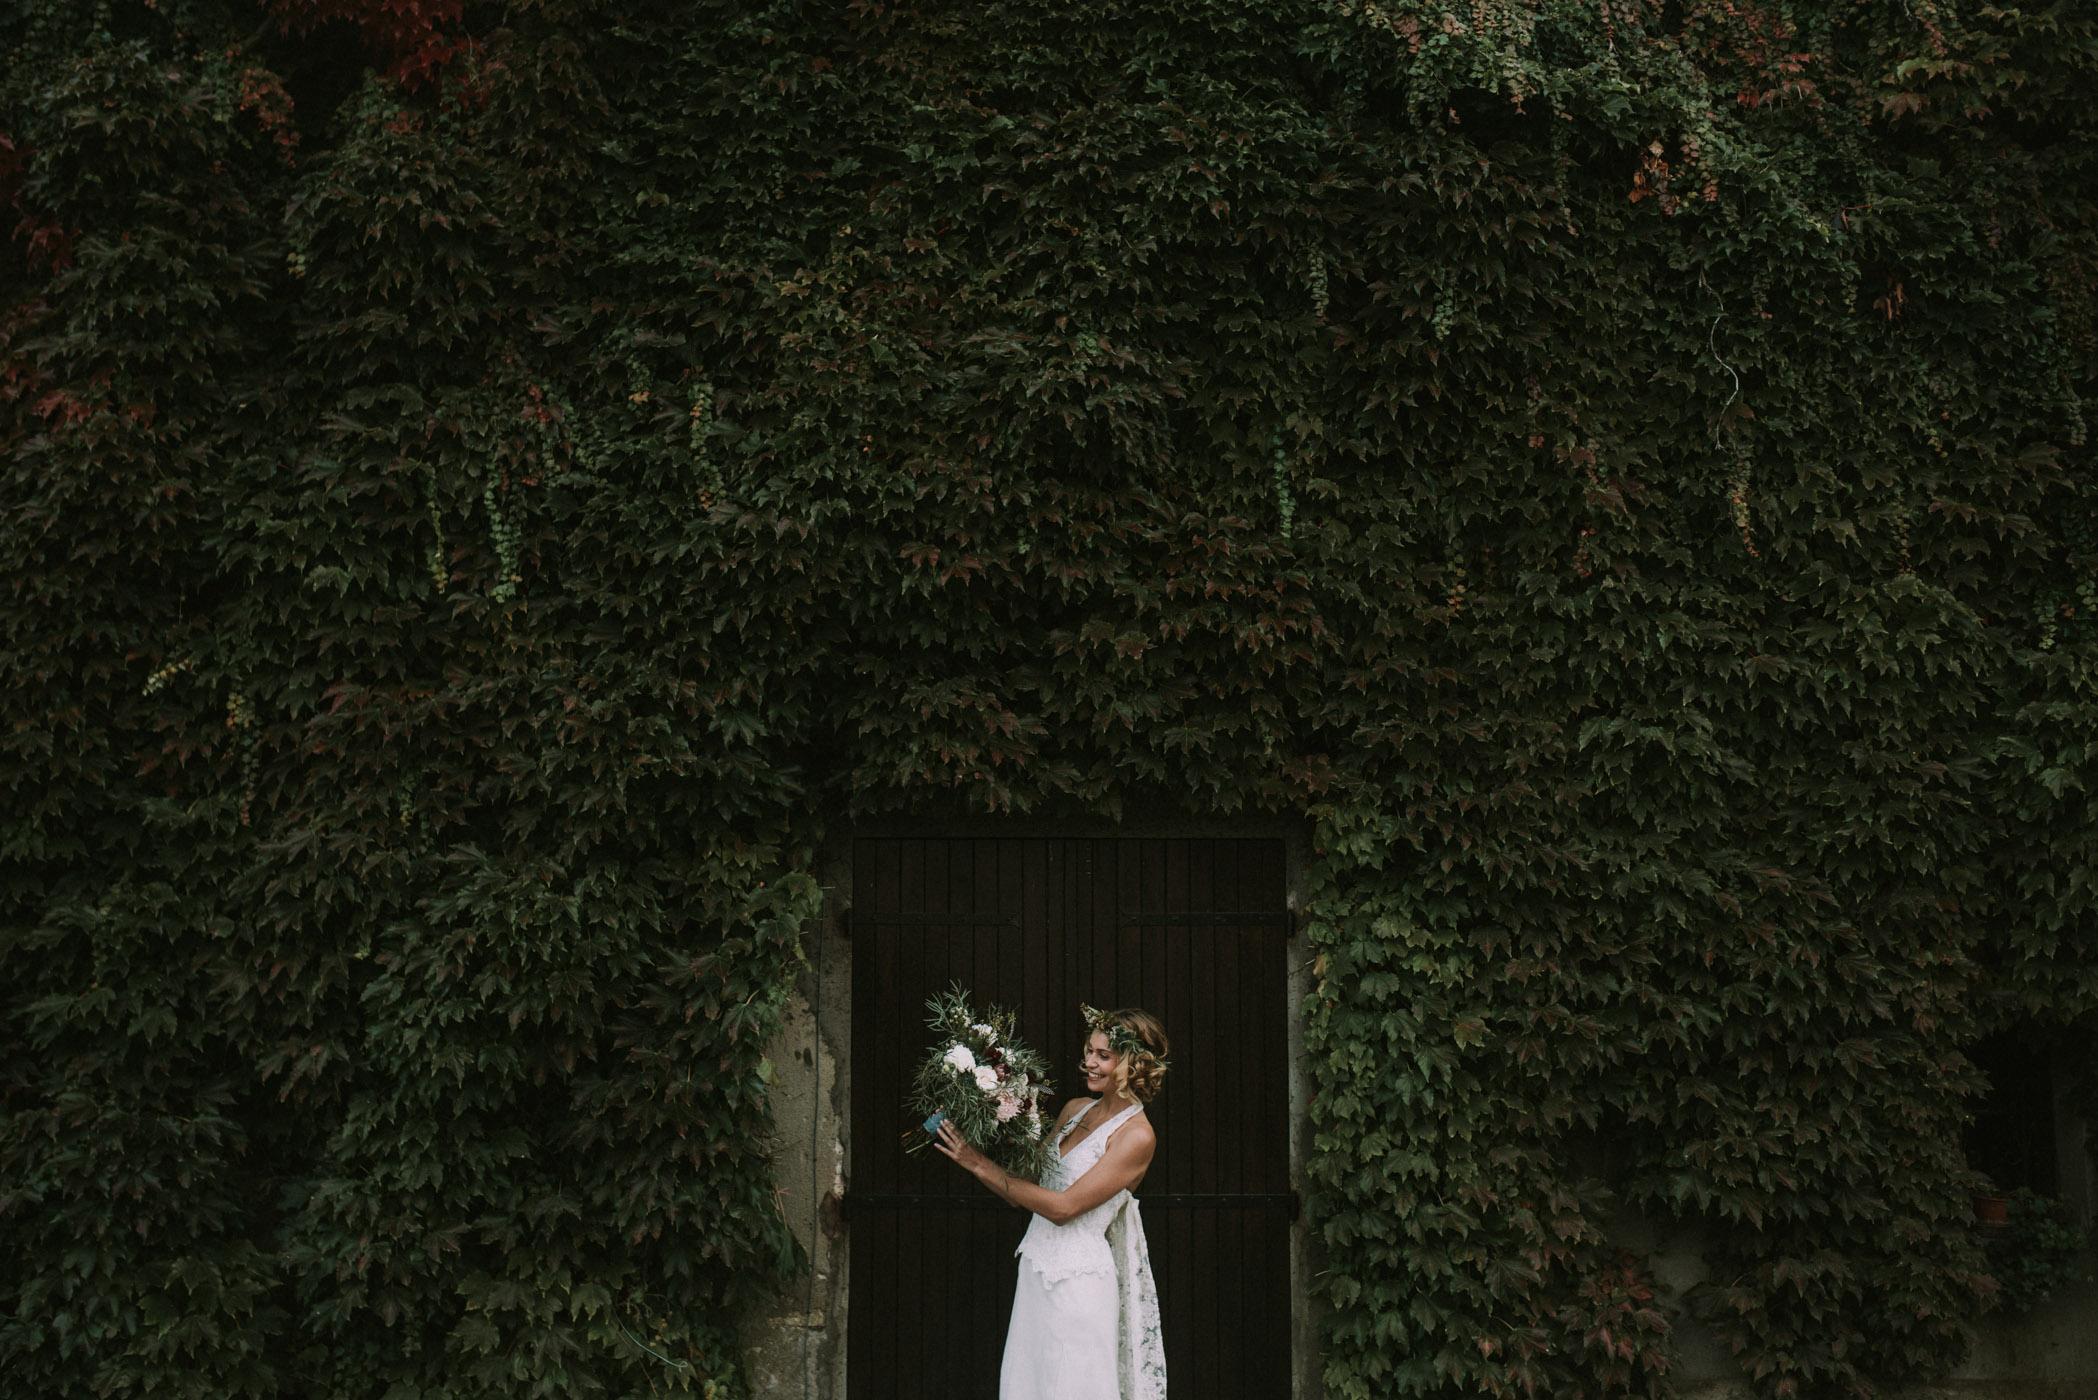 sun-drops-down-shooting-dinspiration-automnal-sous-les-bois-en-dordogne-blog-mariage-la-mariee-sous-les-etoiles-photo-mira-al-pajarito-62